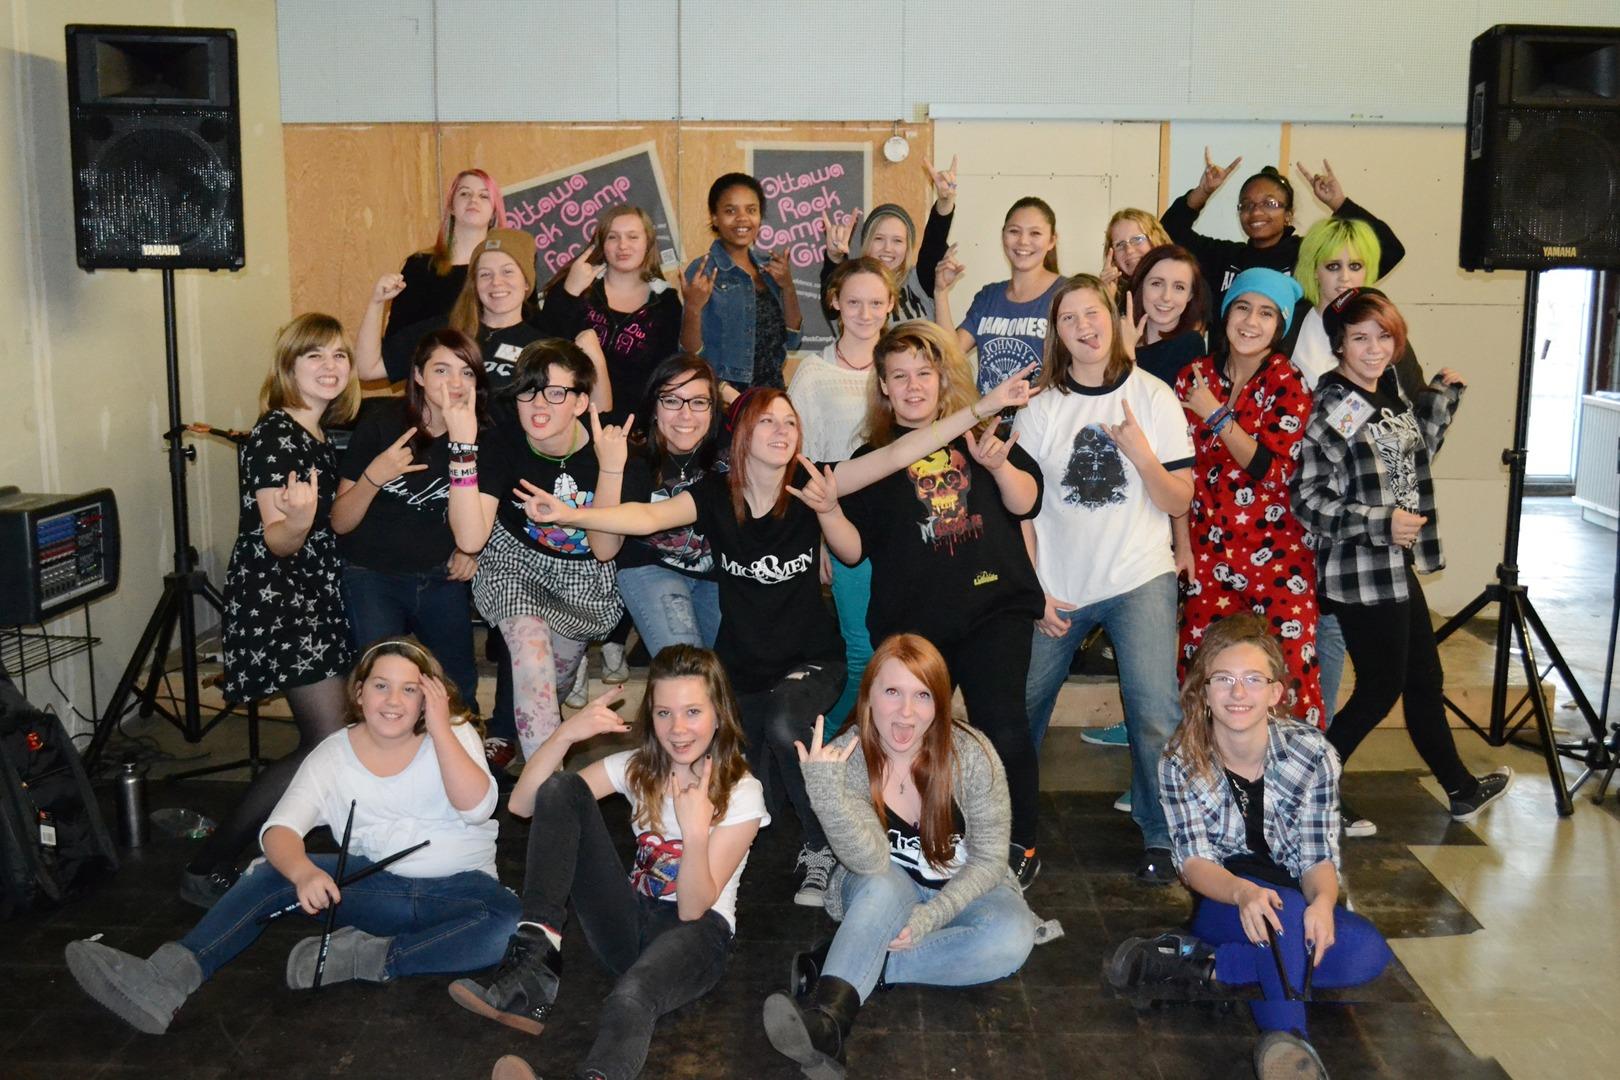 February 2017 – Ottawa Rock Camp for Girls